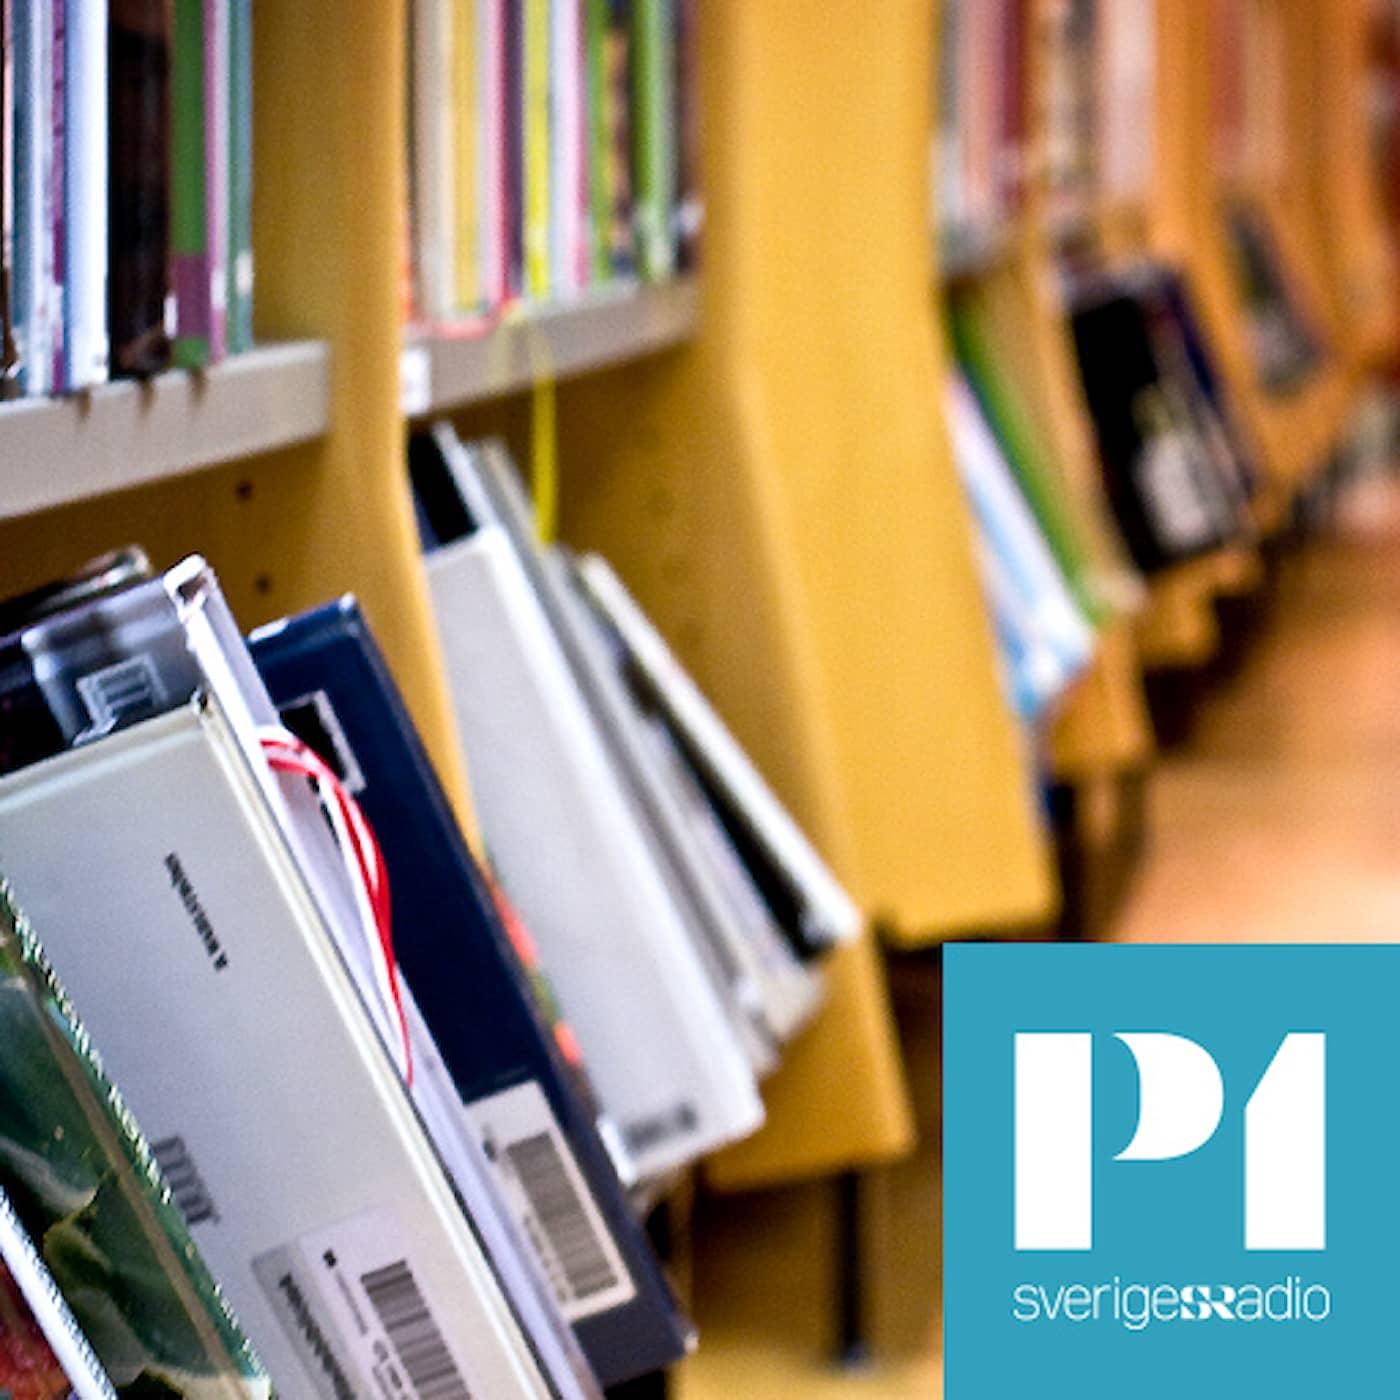 Biblioteket i Kulturradion